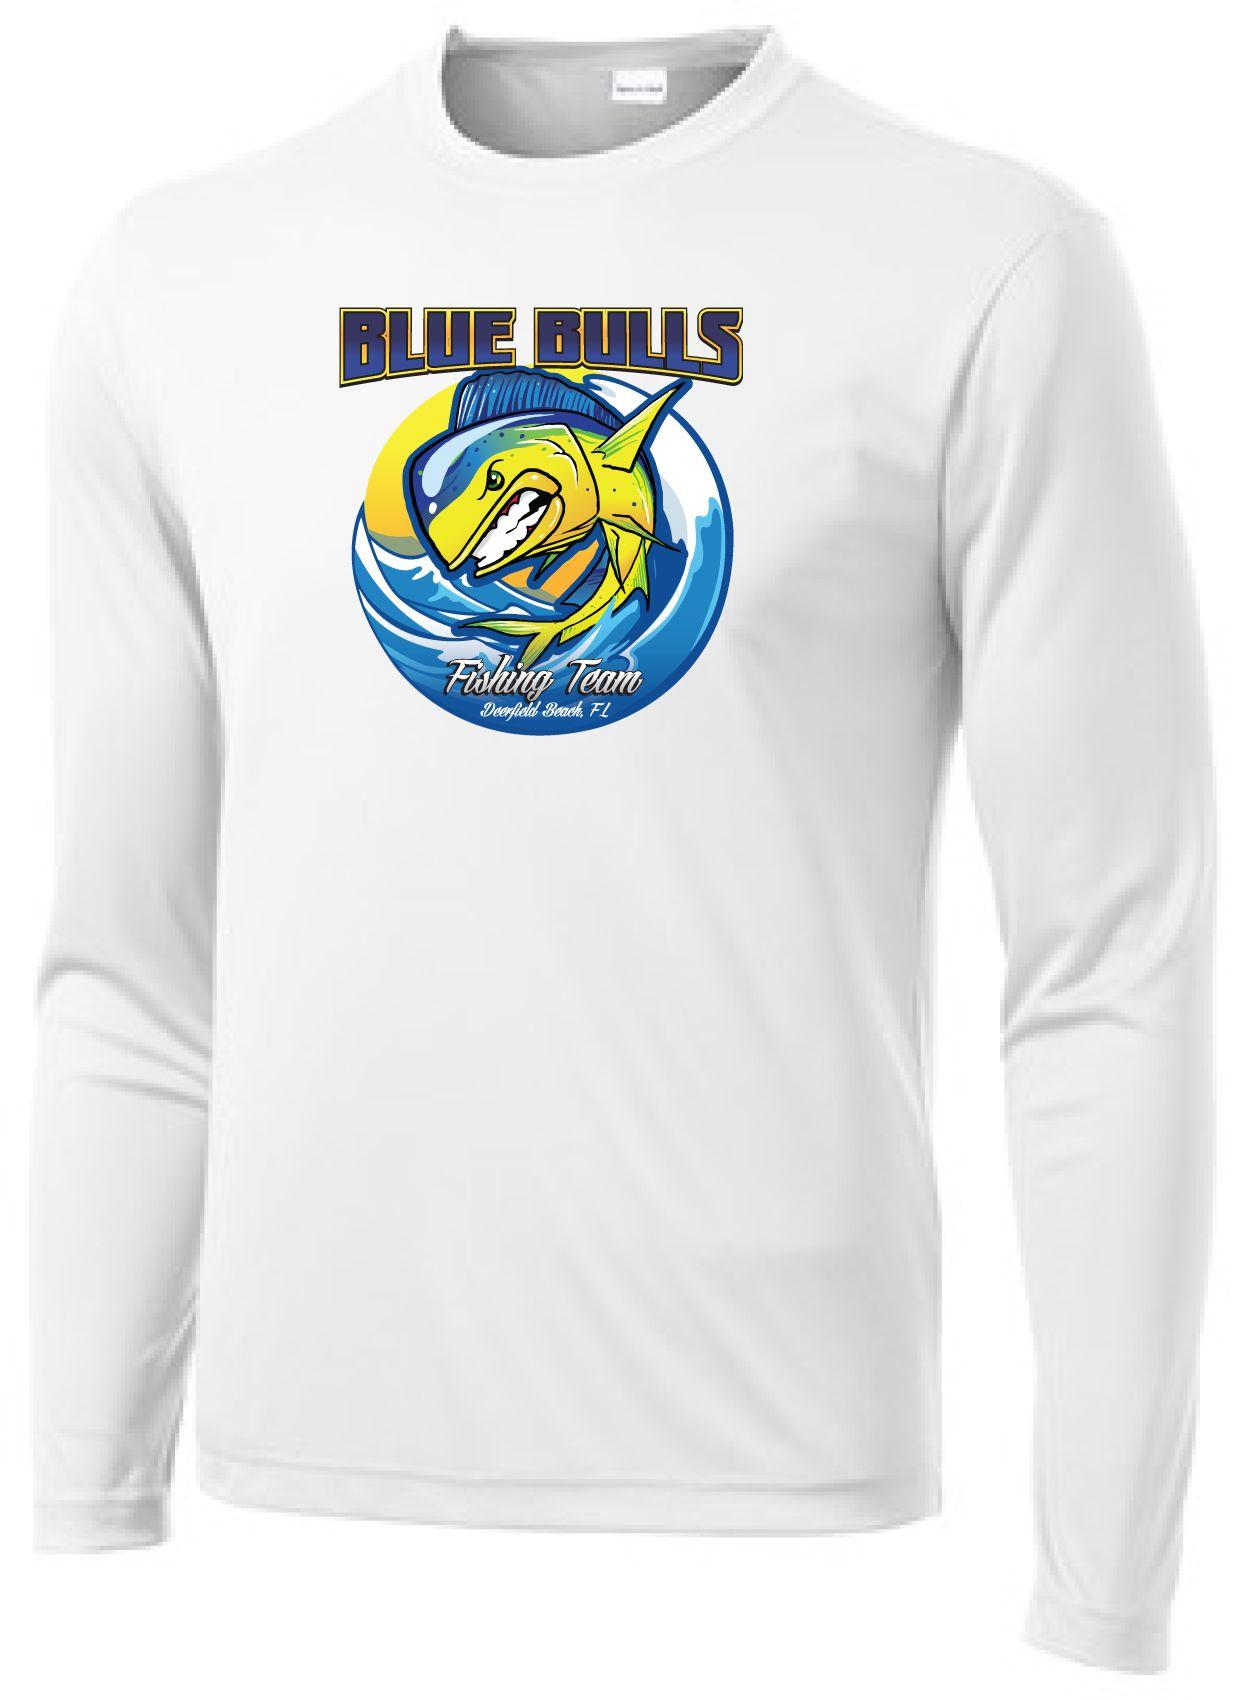 Pin By Dri Fit Fishing Shirts On Dri Fit Fishing Shirts Pinterest